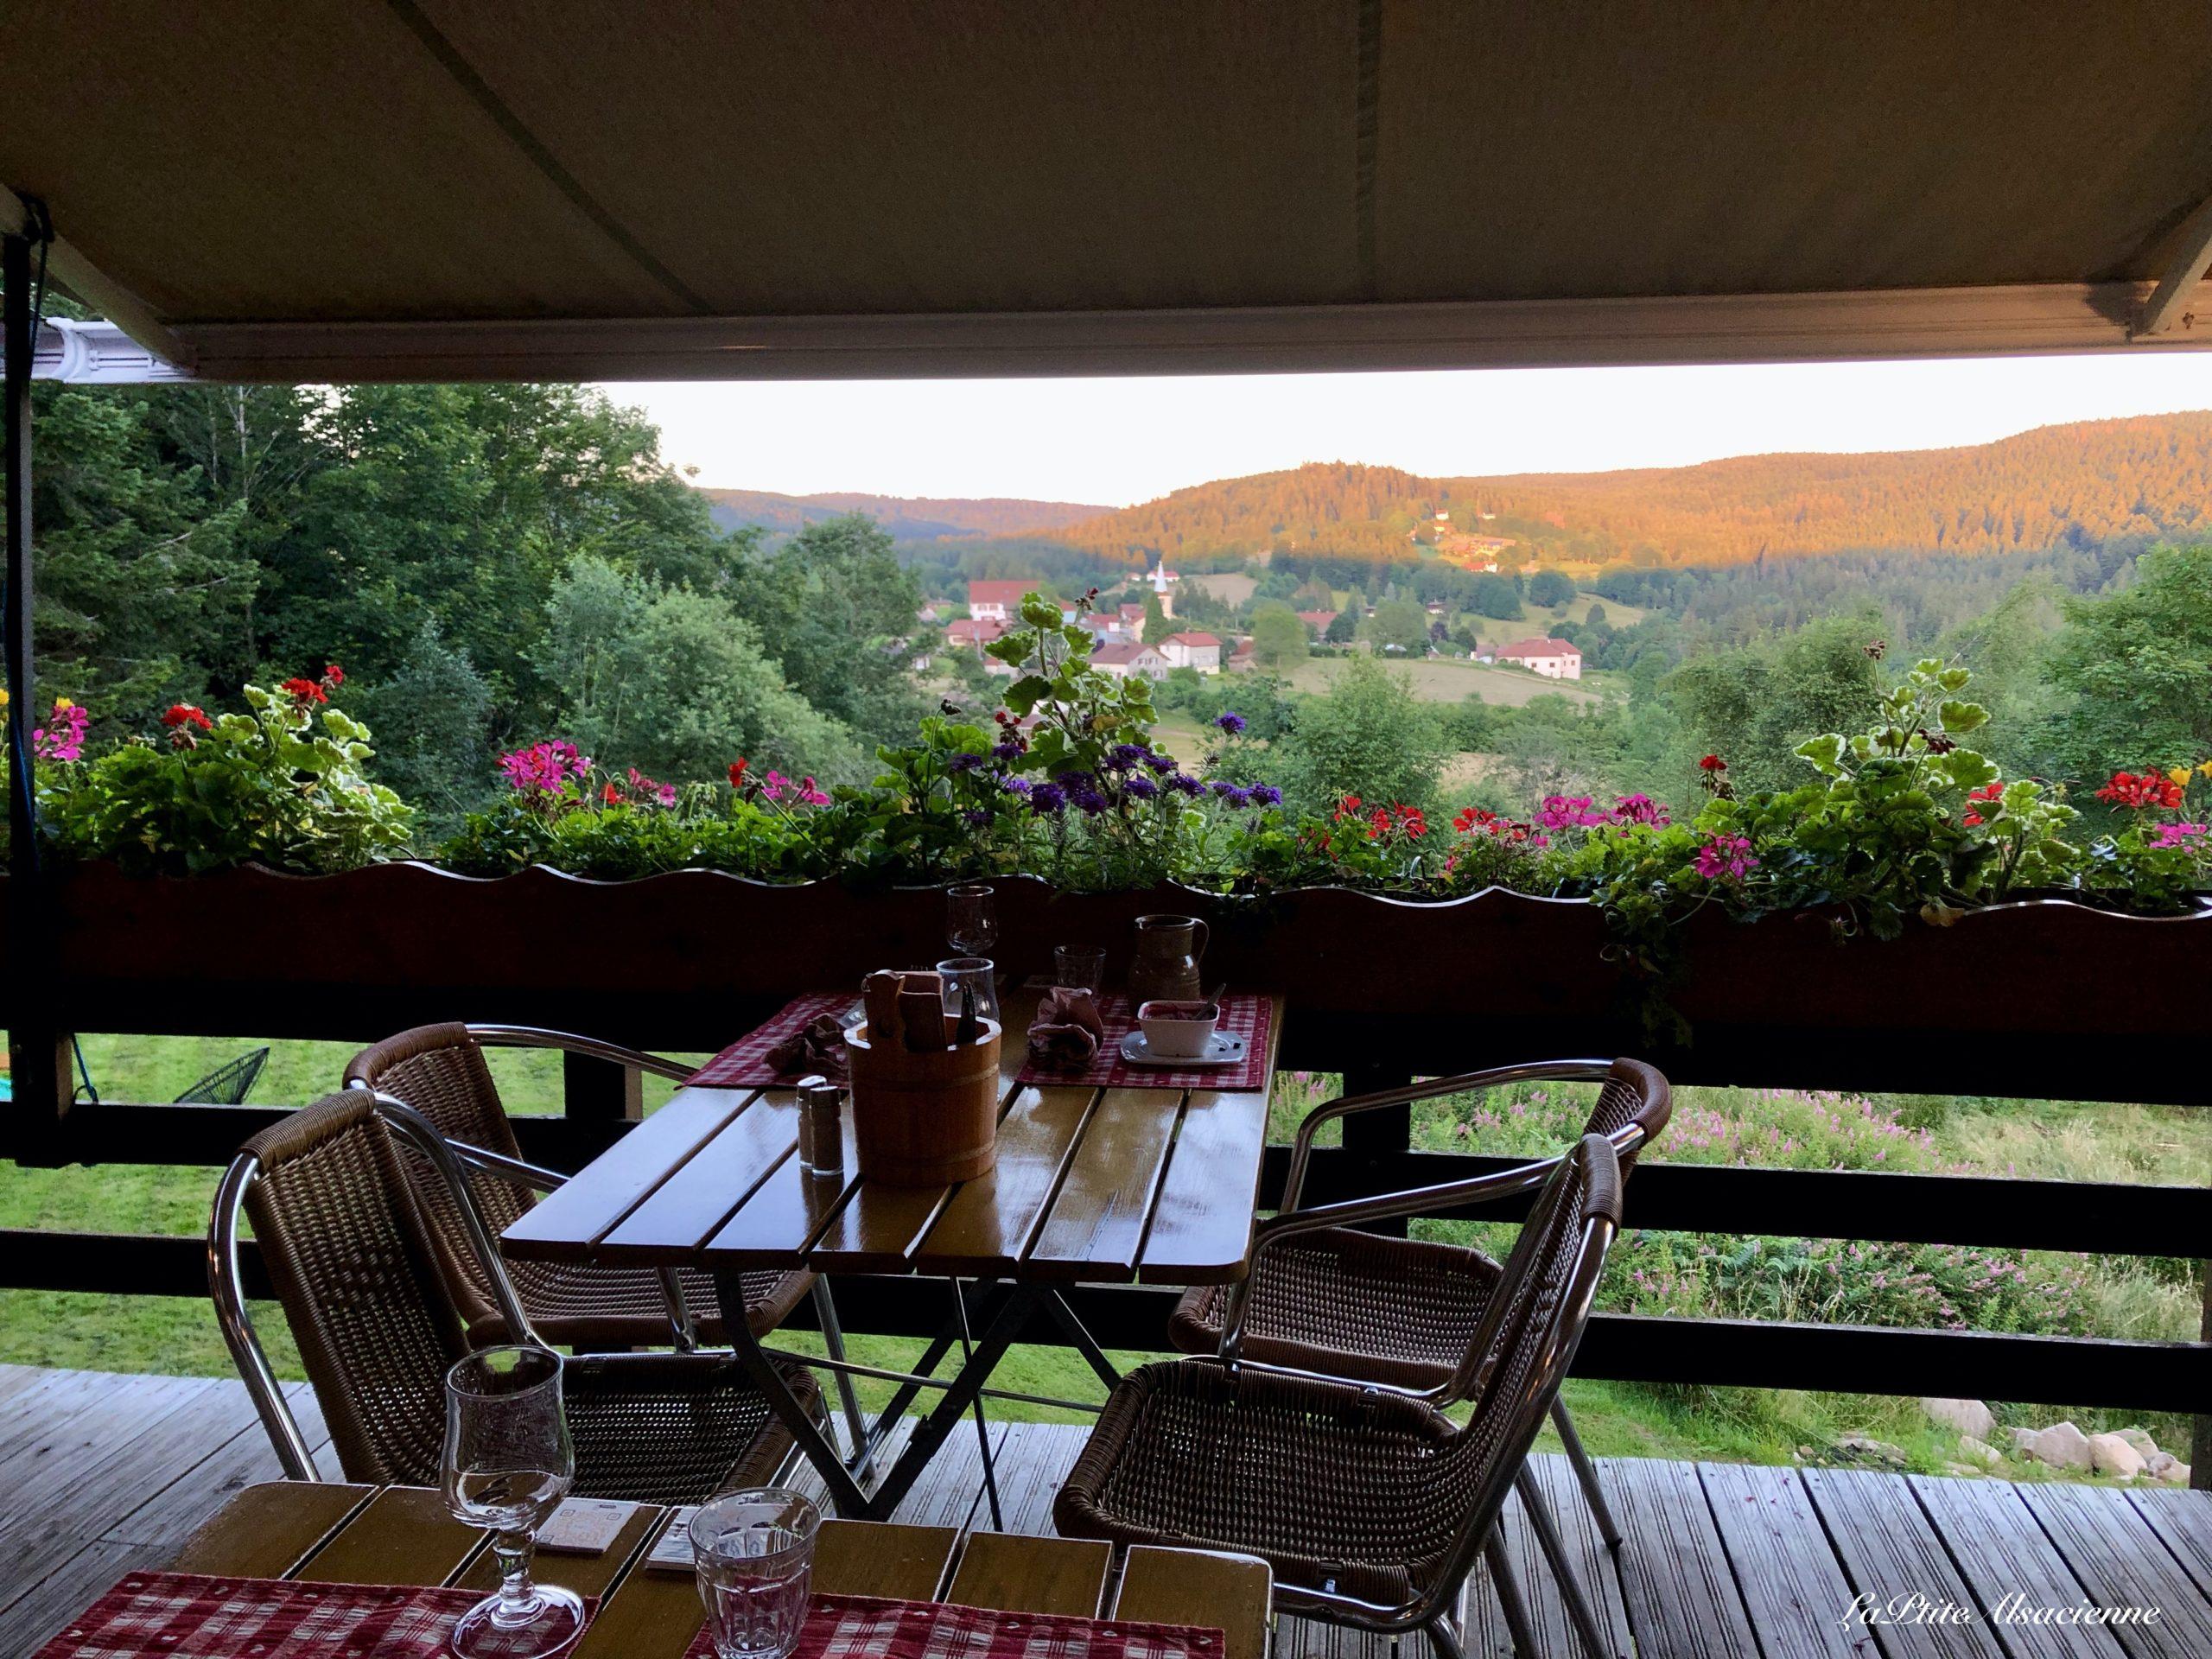 Terrasse de l'Auberge de Liézey dans les Vosges par Cendrine  Miesch dite LaPtiteAlsacienne